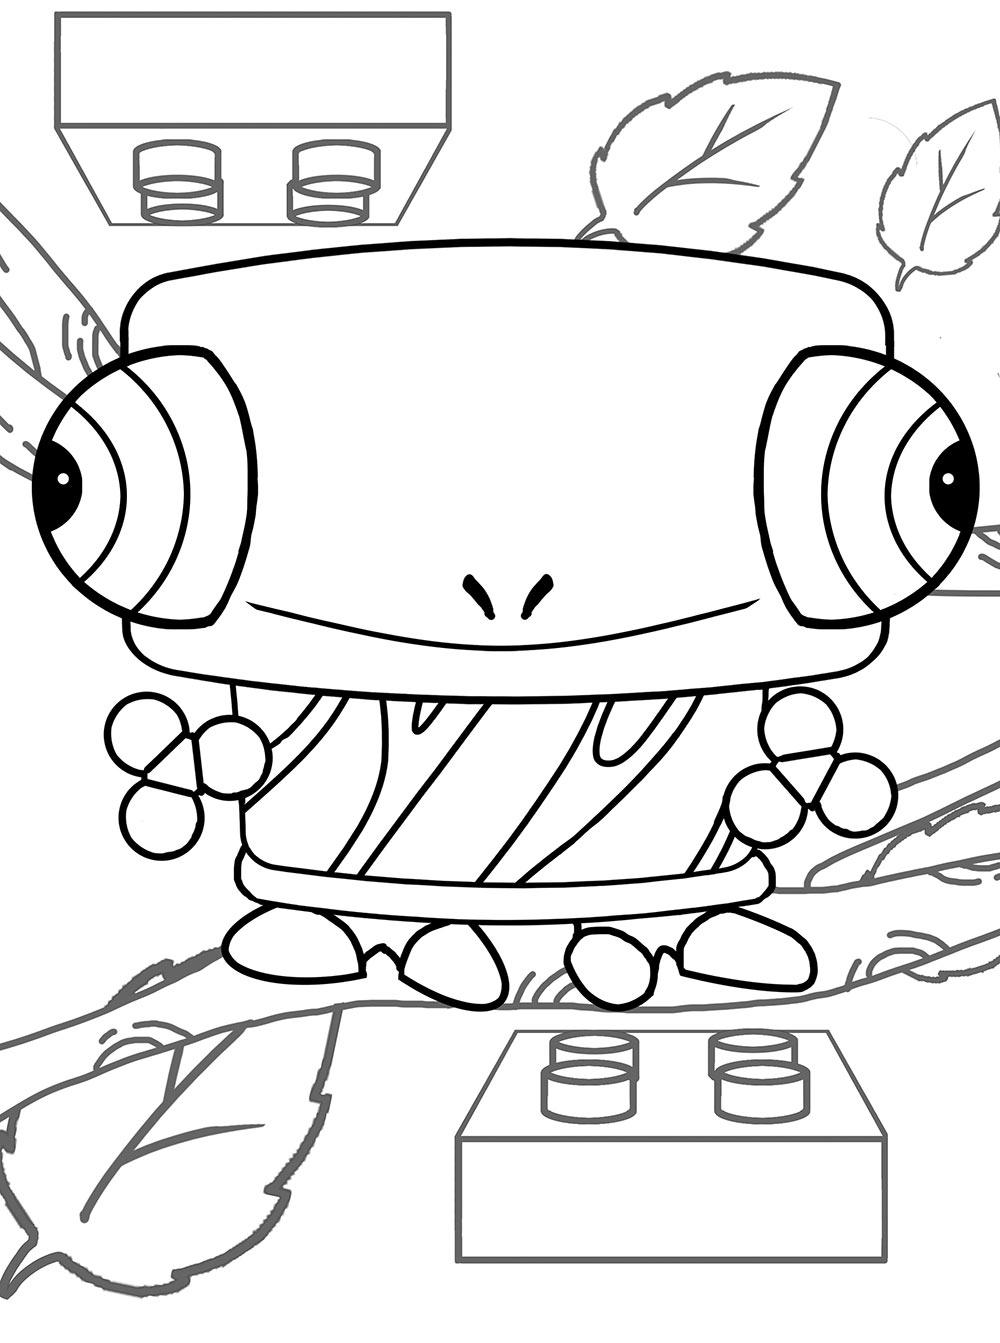 leon camaleon canimals dibujos colorear e imprimir - Dibujalandia